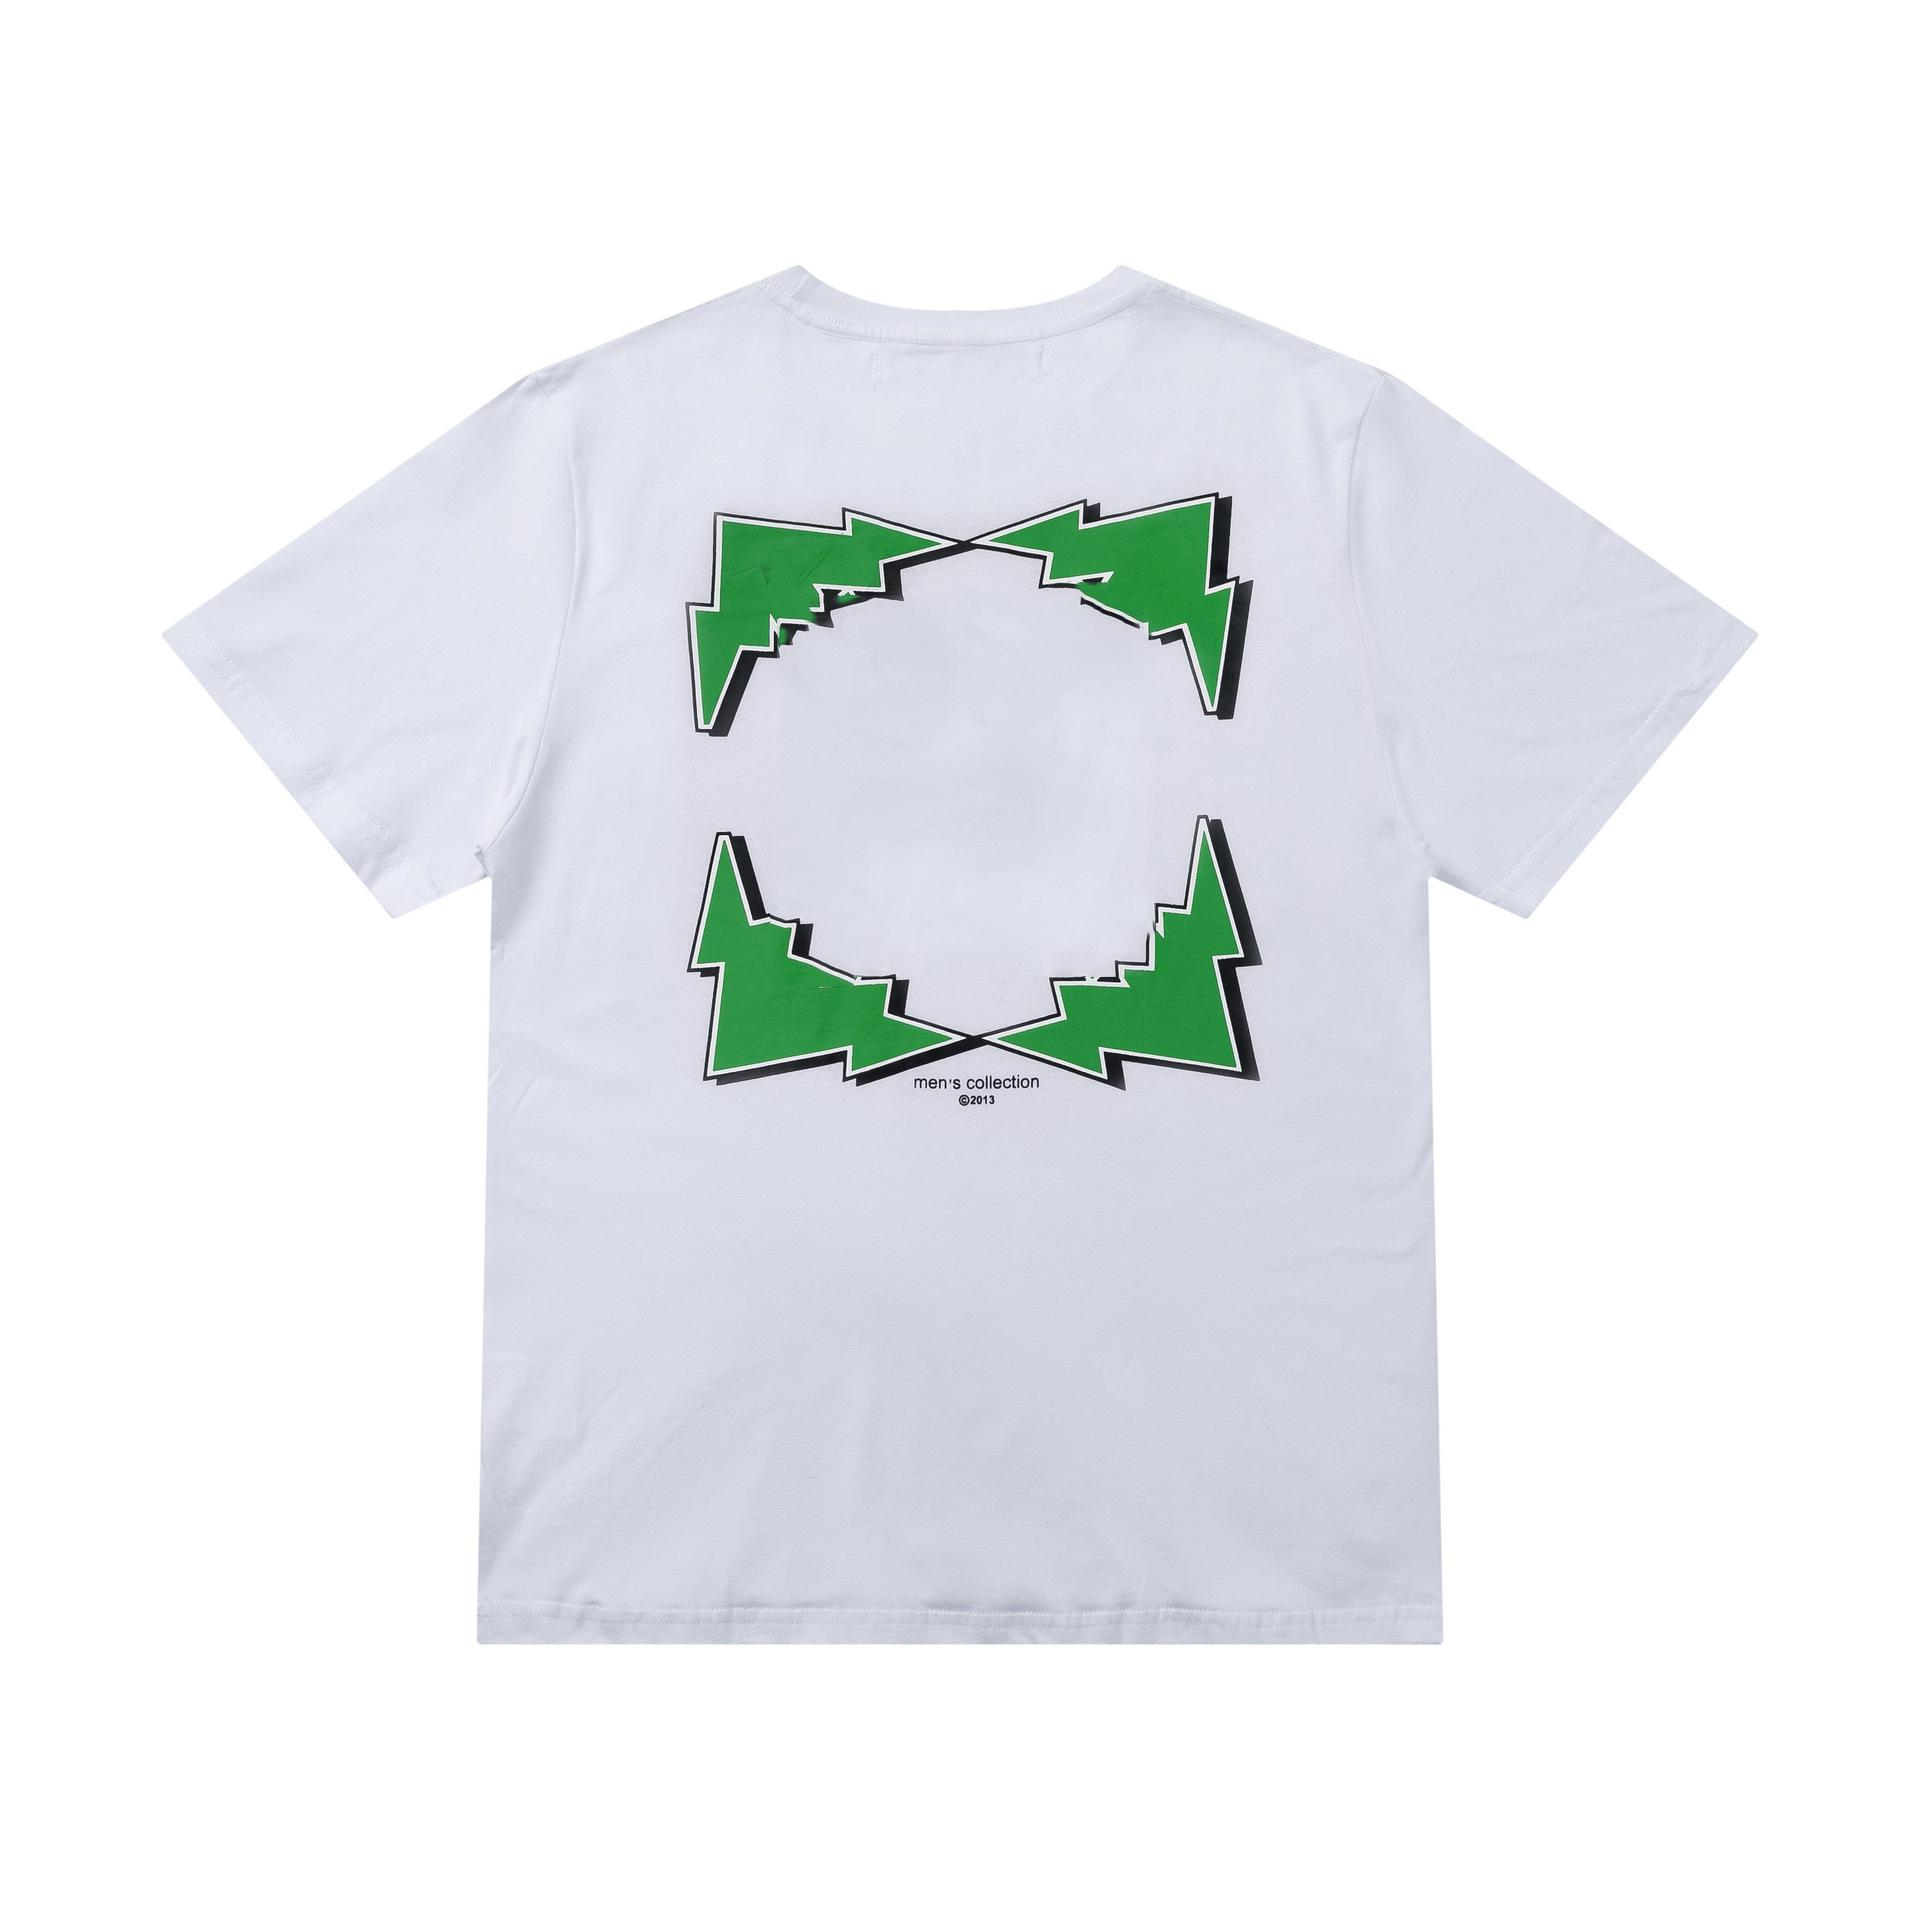 끄기 패션 크로스 유화 짧은 소매 티셔츠 남성 탑 티 티셔츠 캐주얼 여성 티셔츠 x 인쇄 여름 탑스 EU 크기